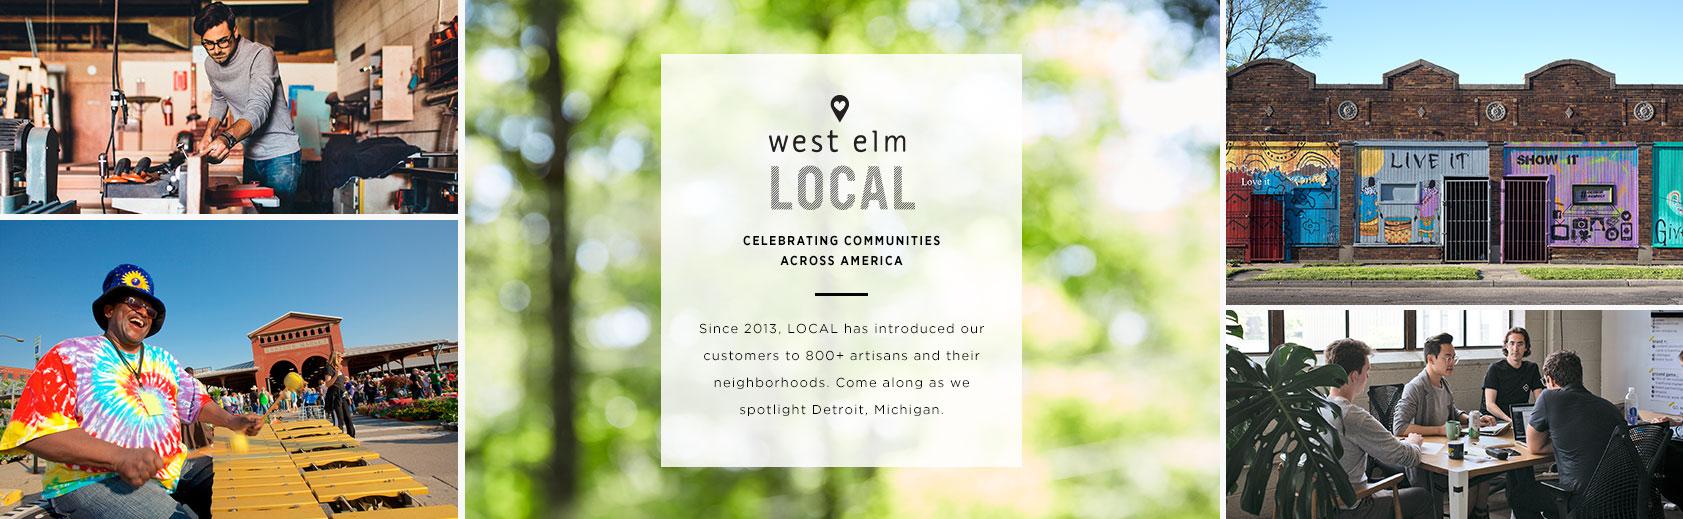 Visit West Elm Local